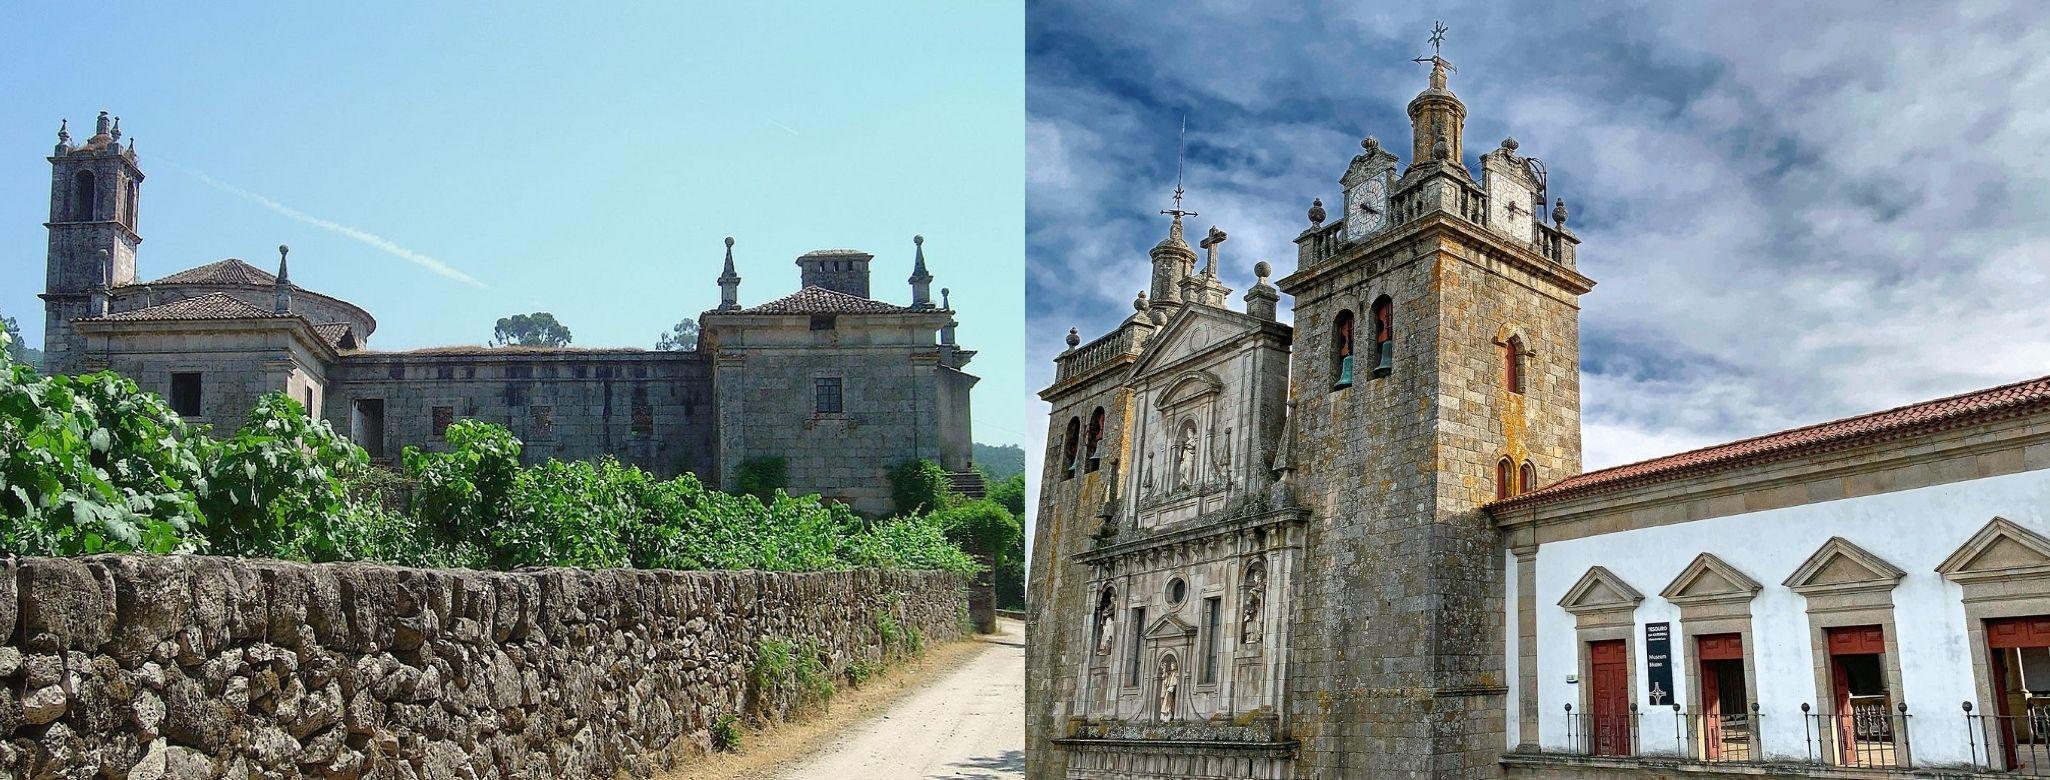 Candidaturas aprovadas para obras no Mosteiro de Santa Maria de Maceira Dão e na Sé de Viseu